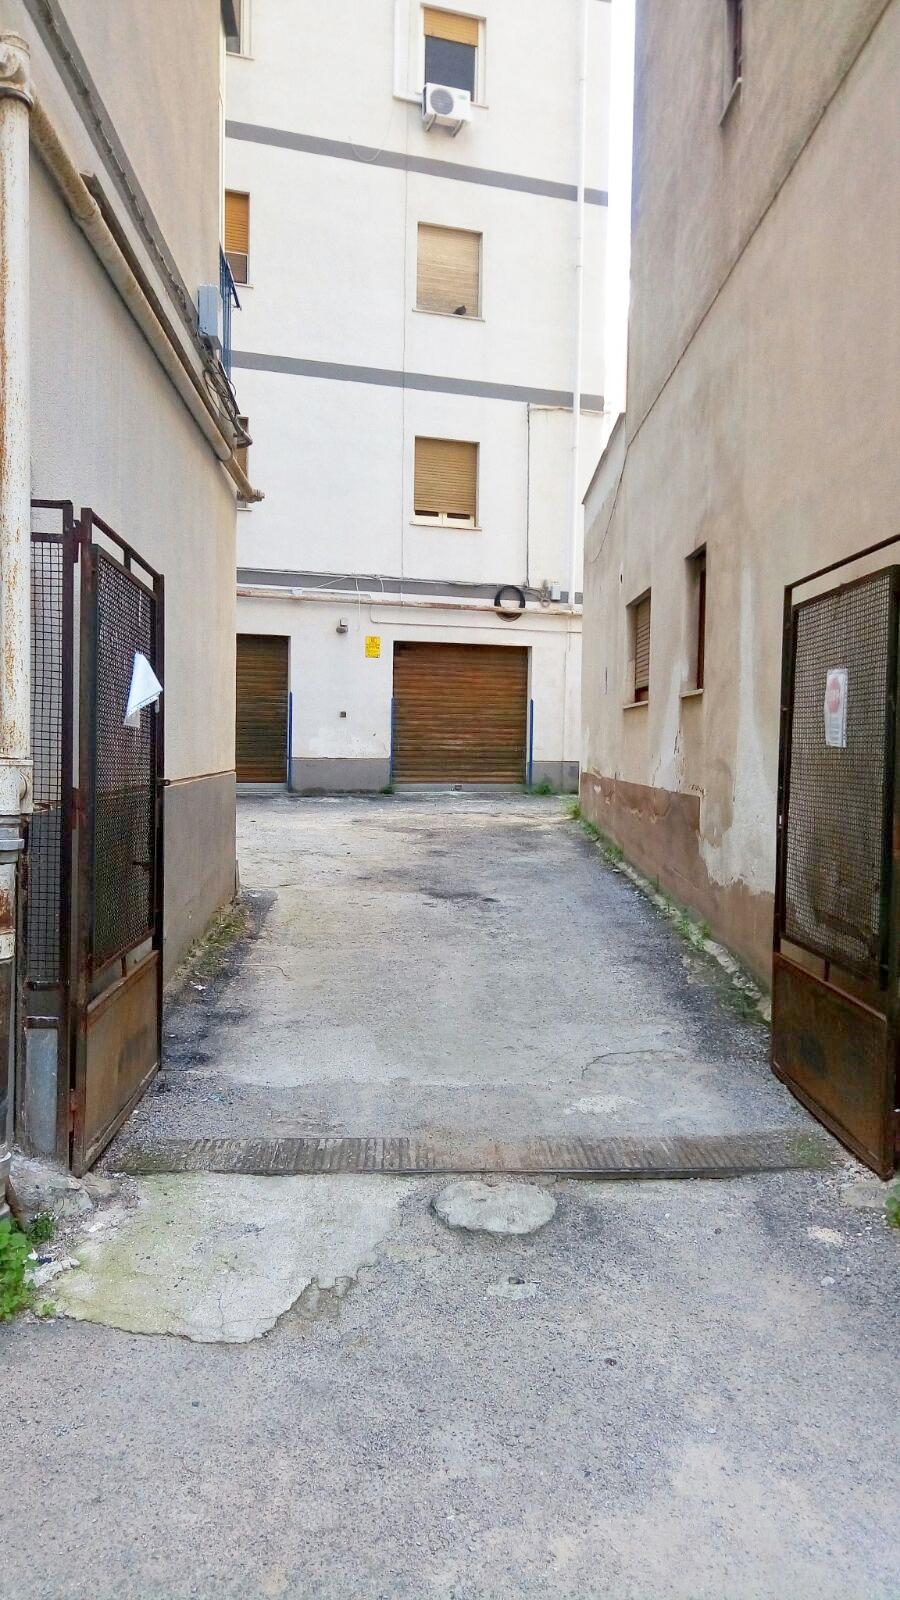 Attività / Licenza in affitto a Palermo, 9999 locali, zona Zona: Calatafimi, prezzo € 700 | CambioCasa.it